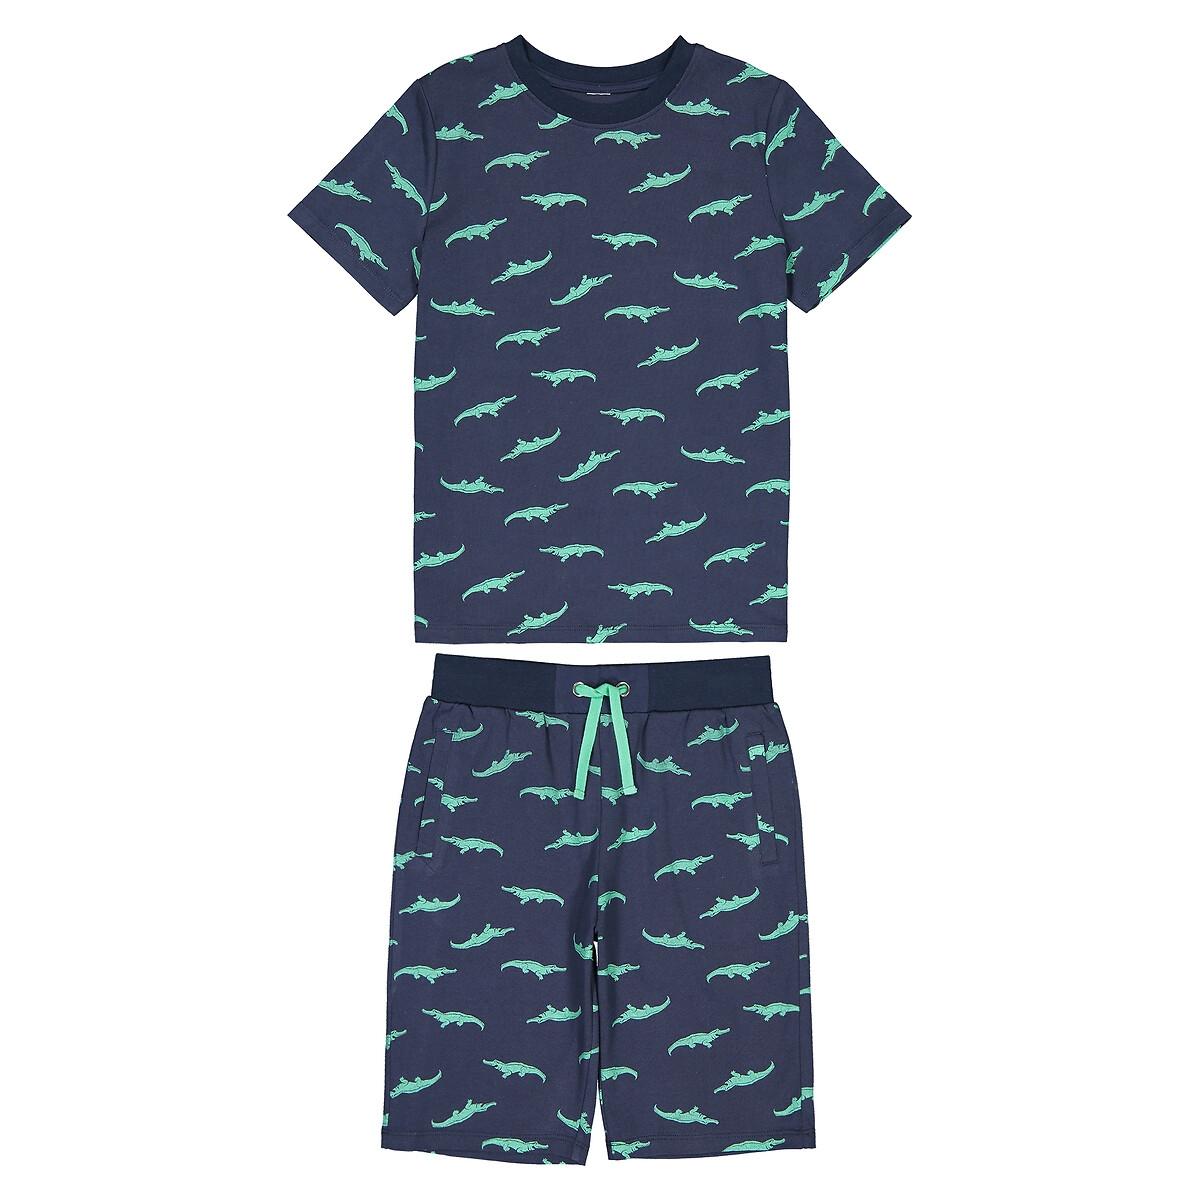 Пижама La Redoute С фосфоресцентным принтом 8 лет - 126 см другие юбка la redoute расклешенная с принтом 8 лет 126 см другие